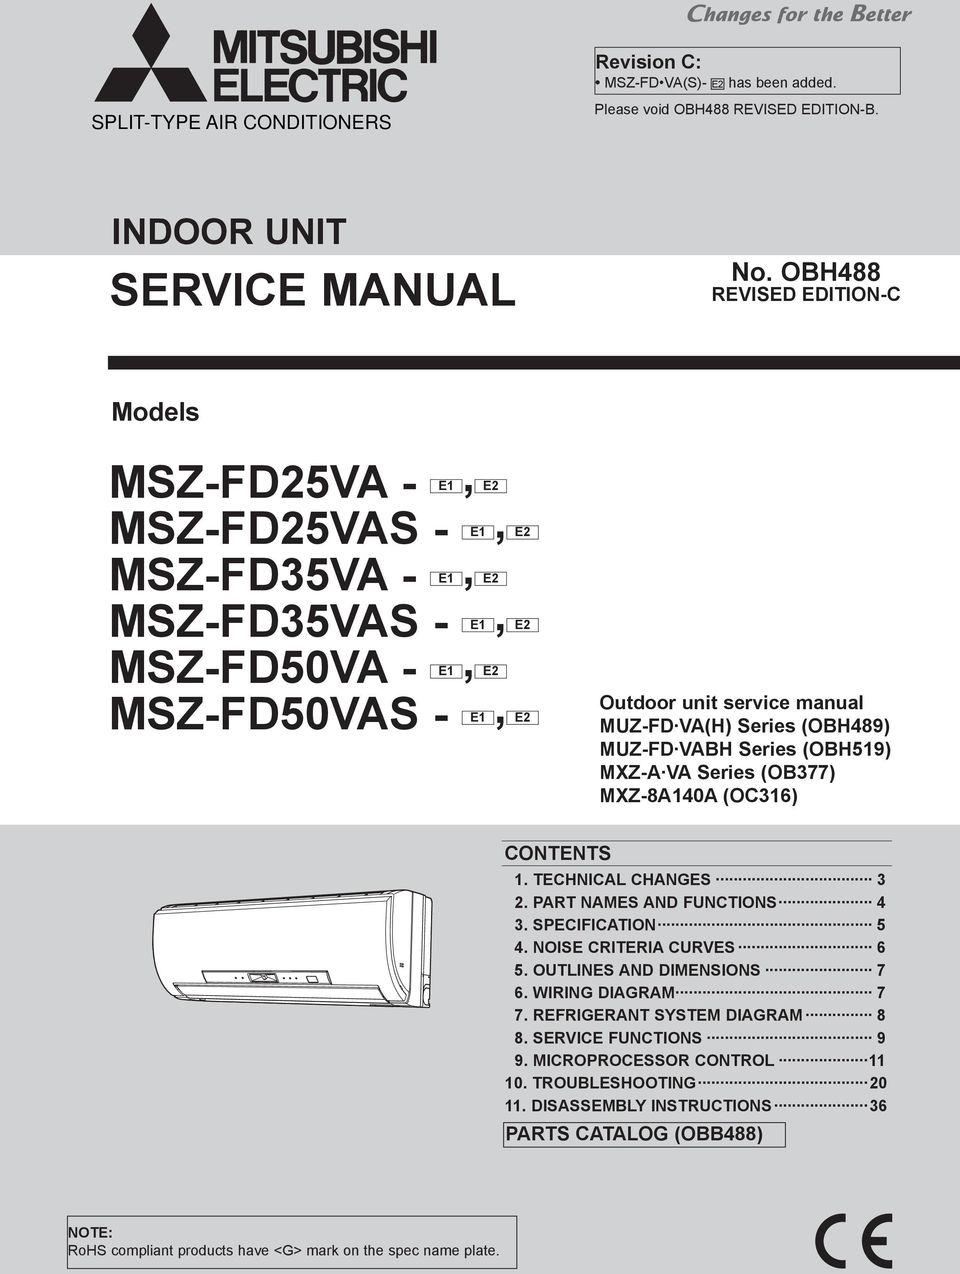 medium resolution of series obh489 muz fd vabh series obh519 mxz a va